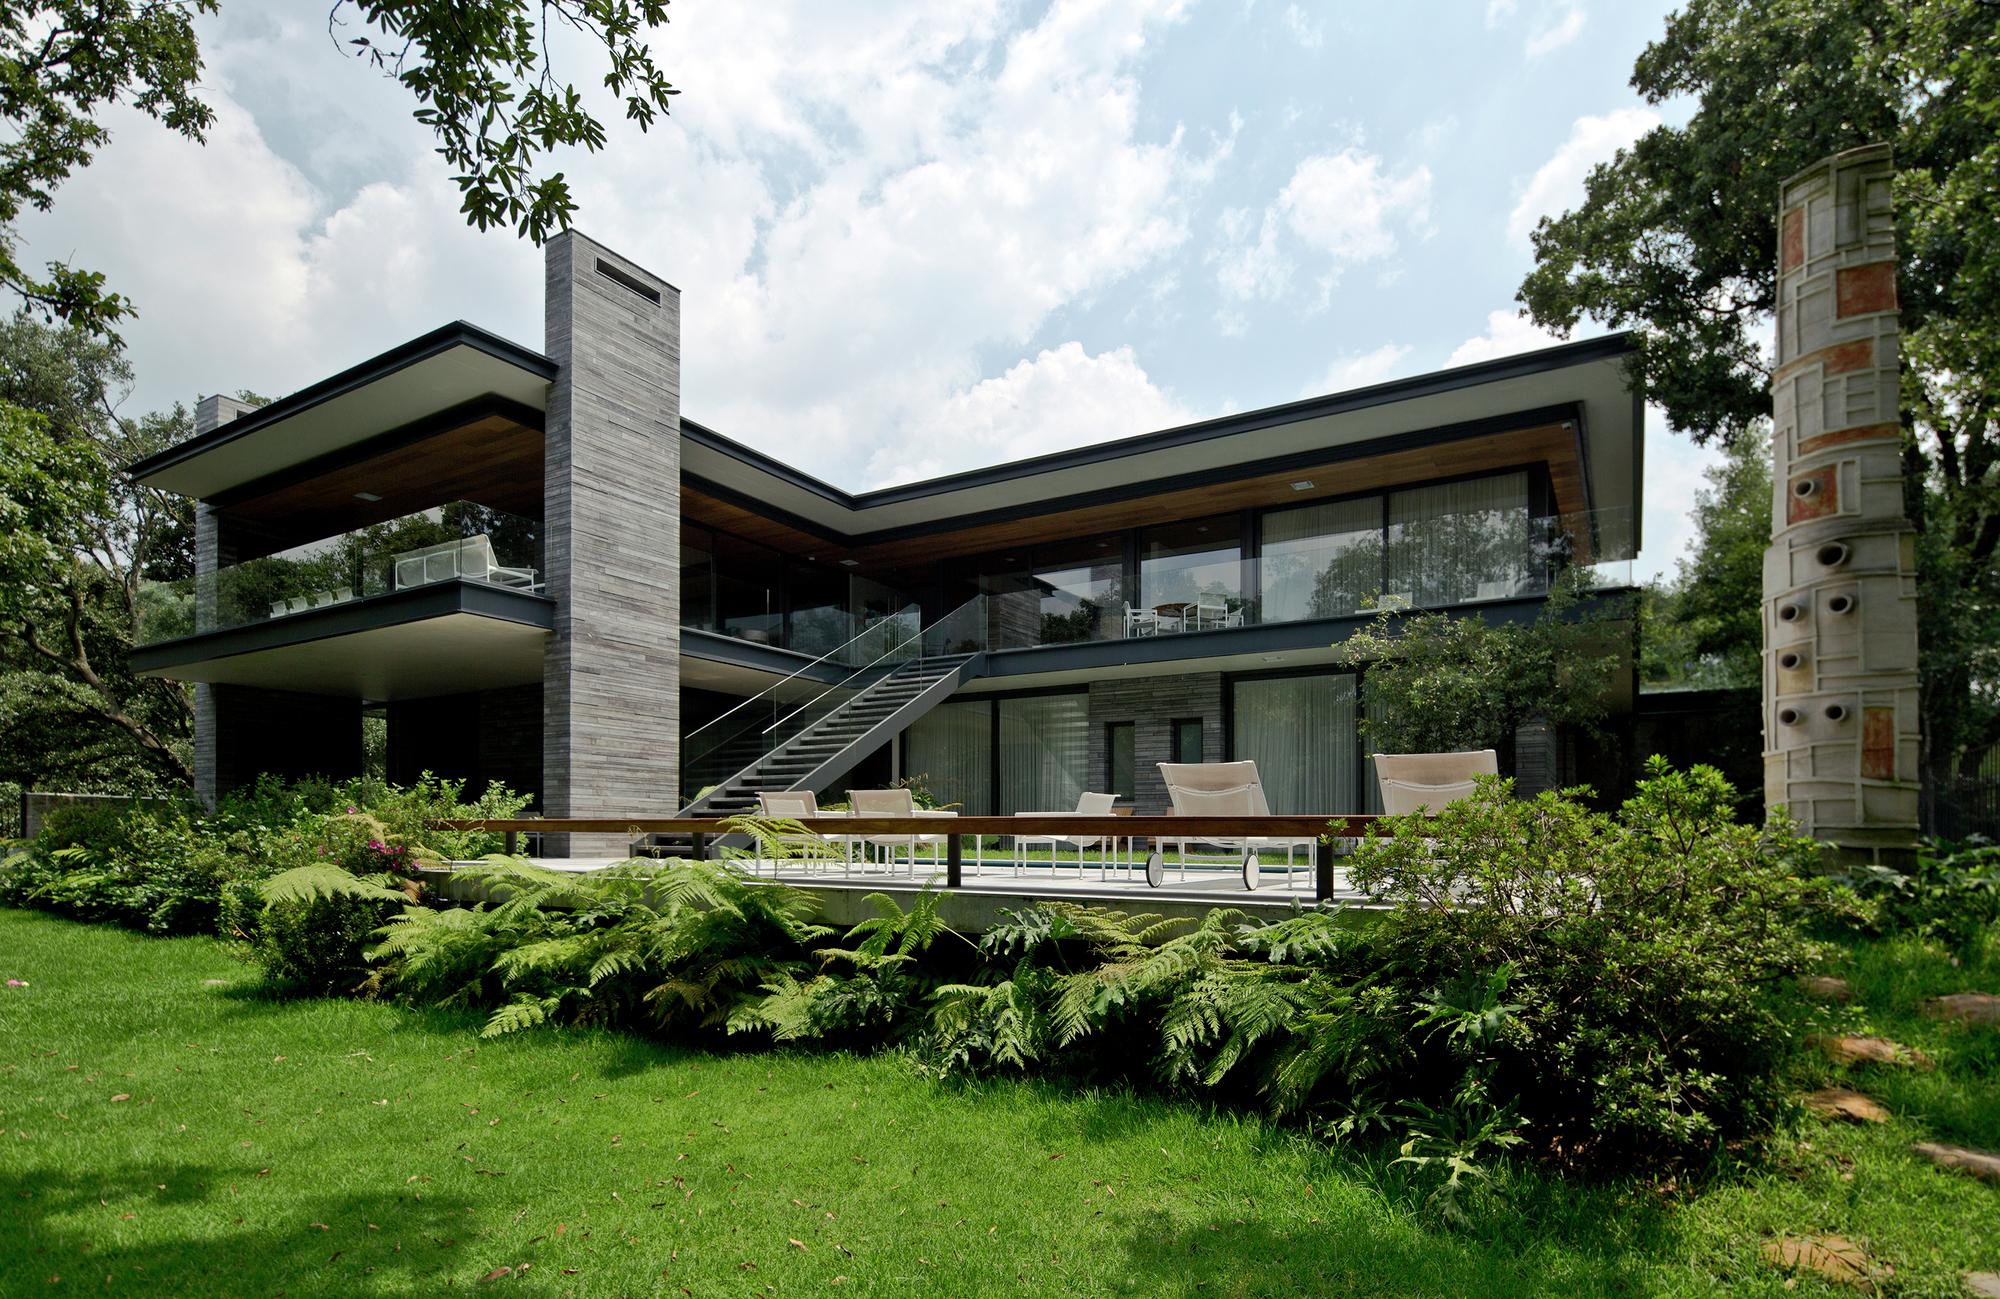 Casa s pascal arquitectos archdaily brasil for Casa de arquitectos